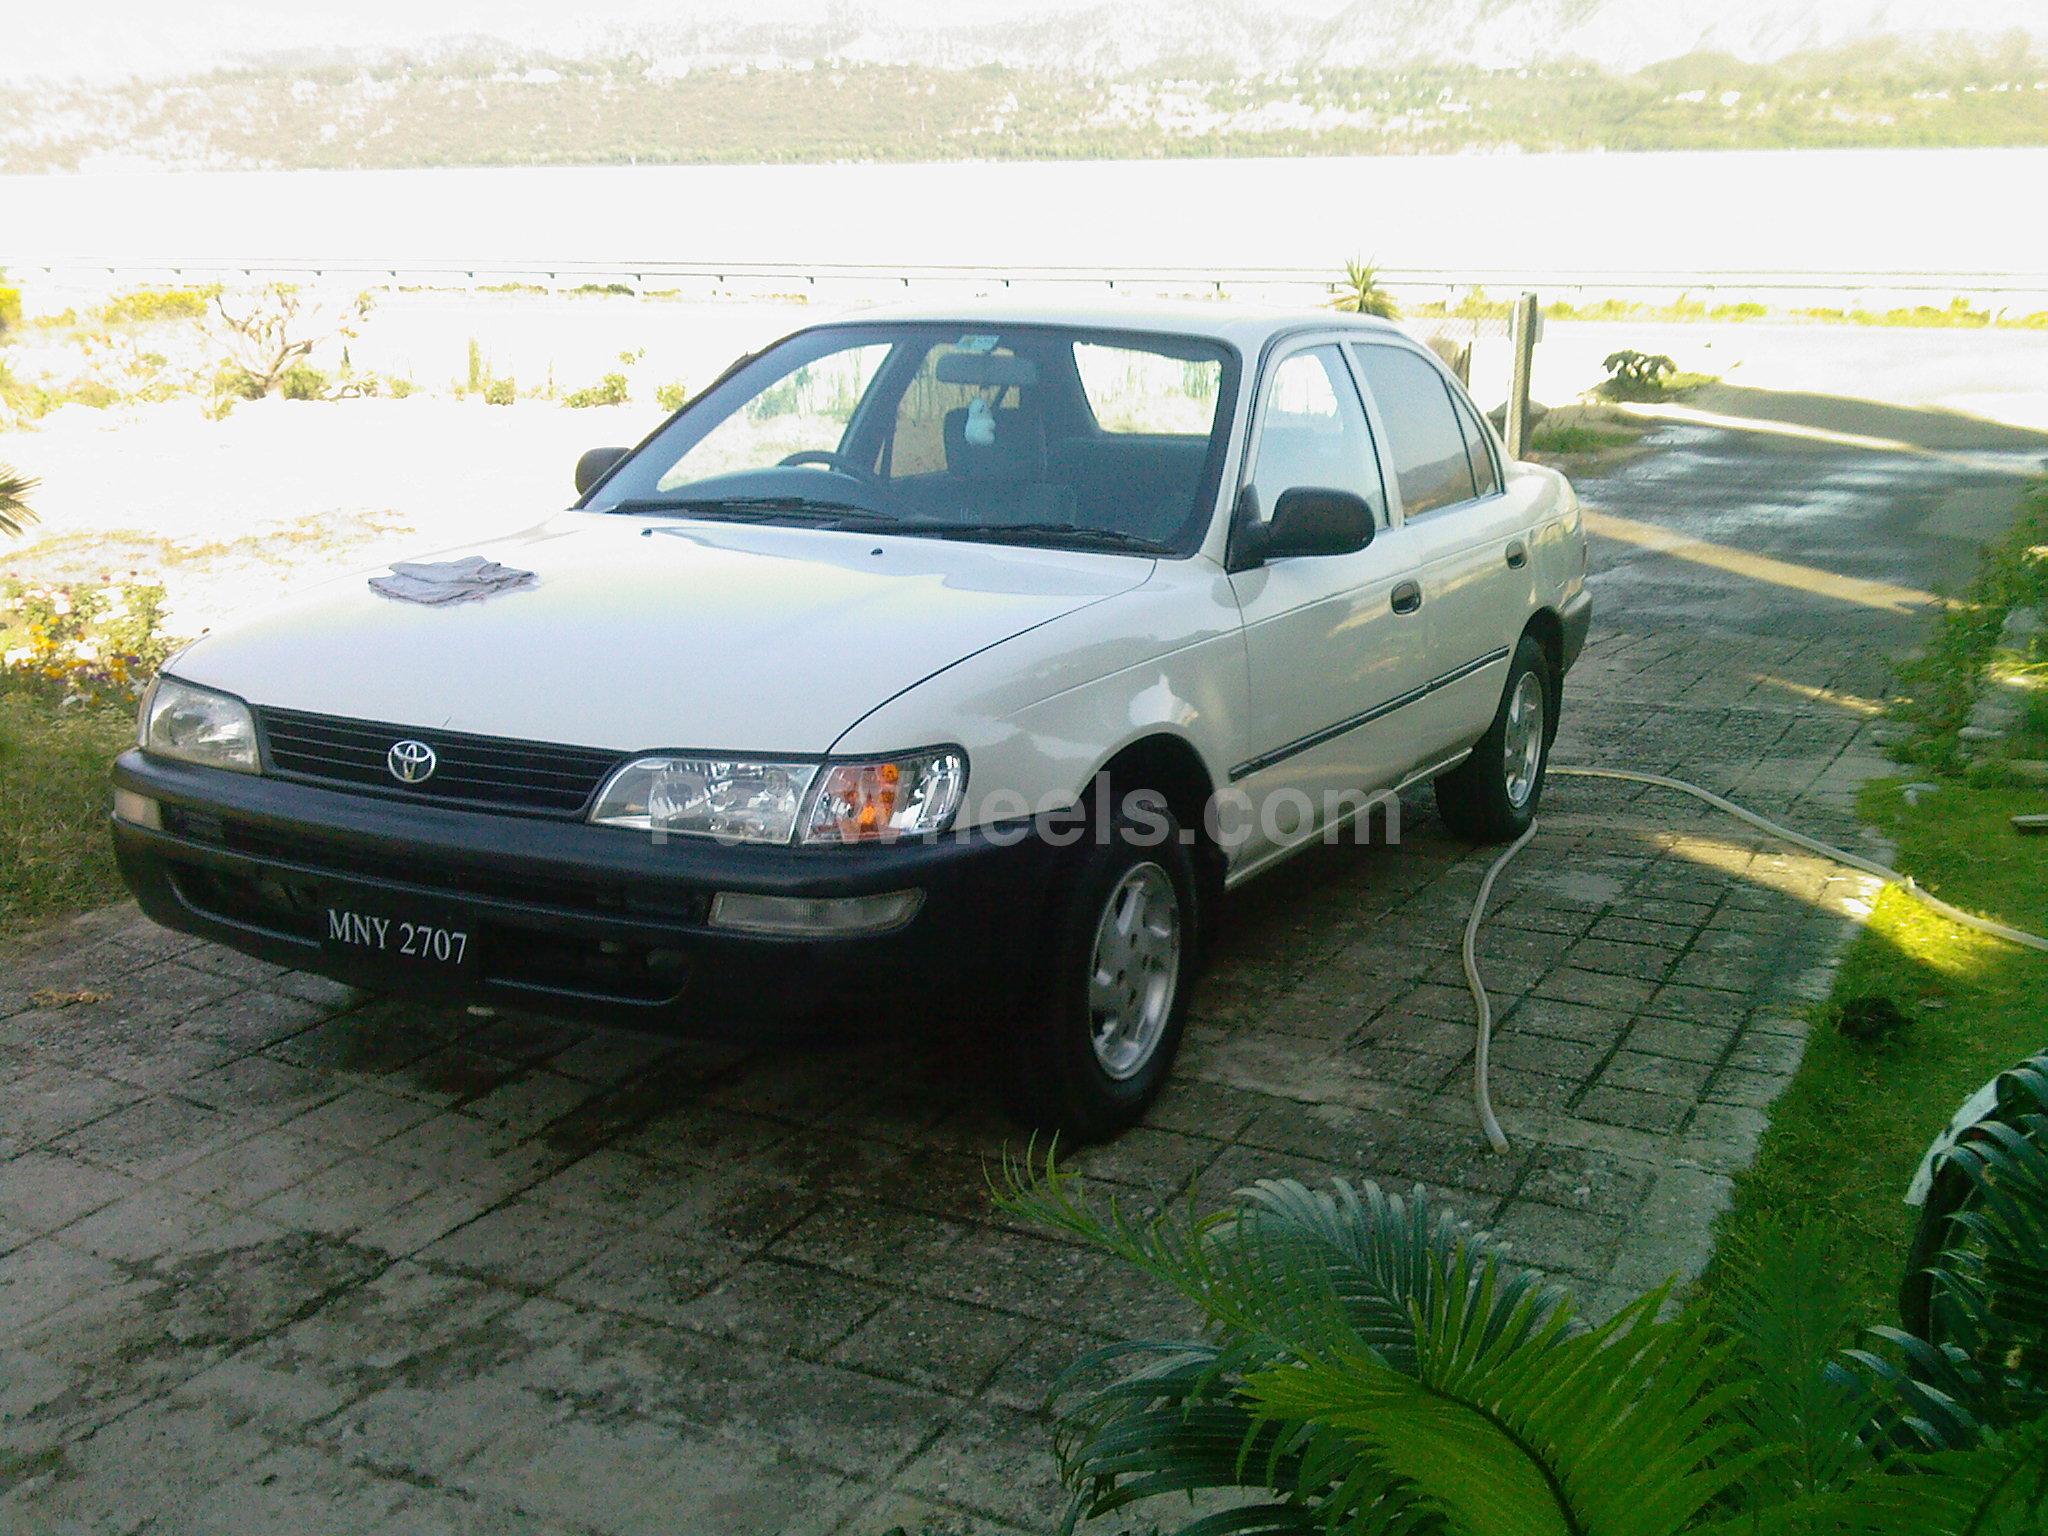 Toyota Corolla - 2001 fayaz Image-1